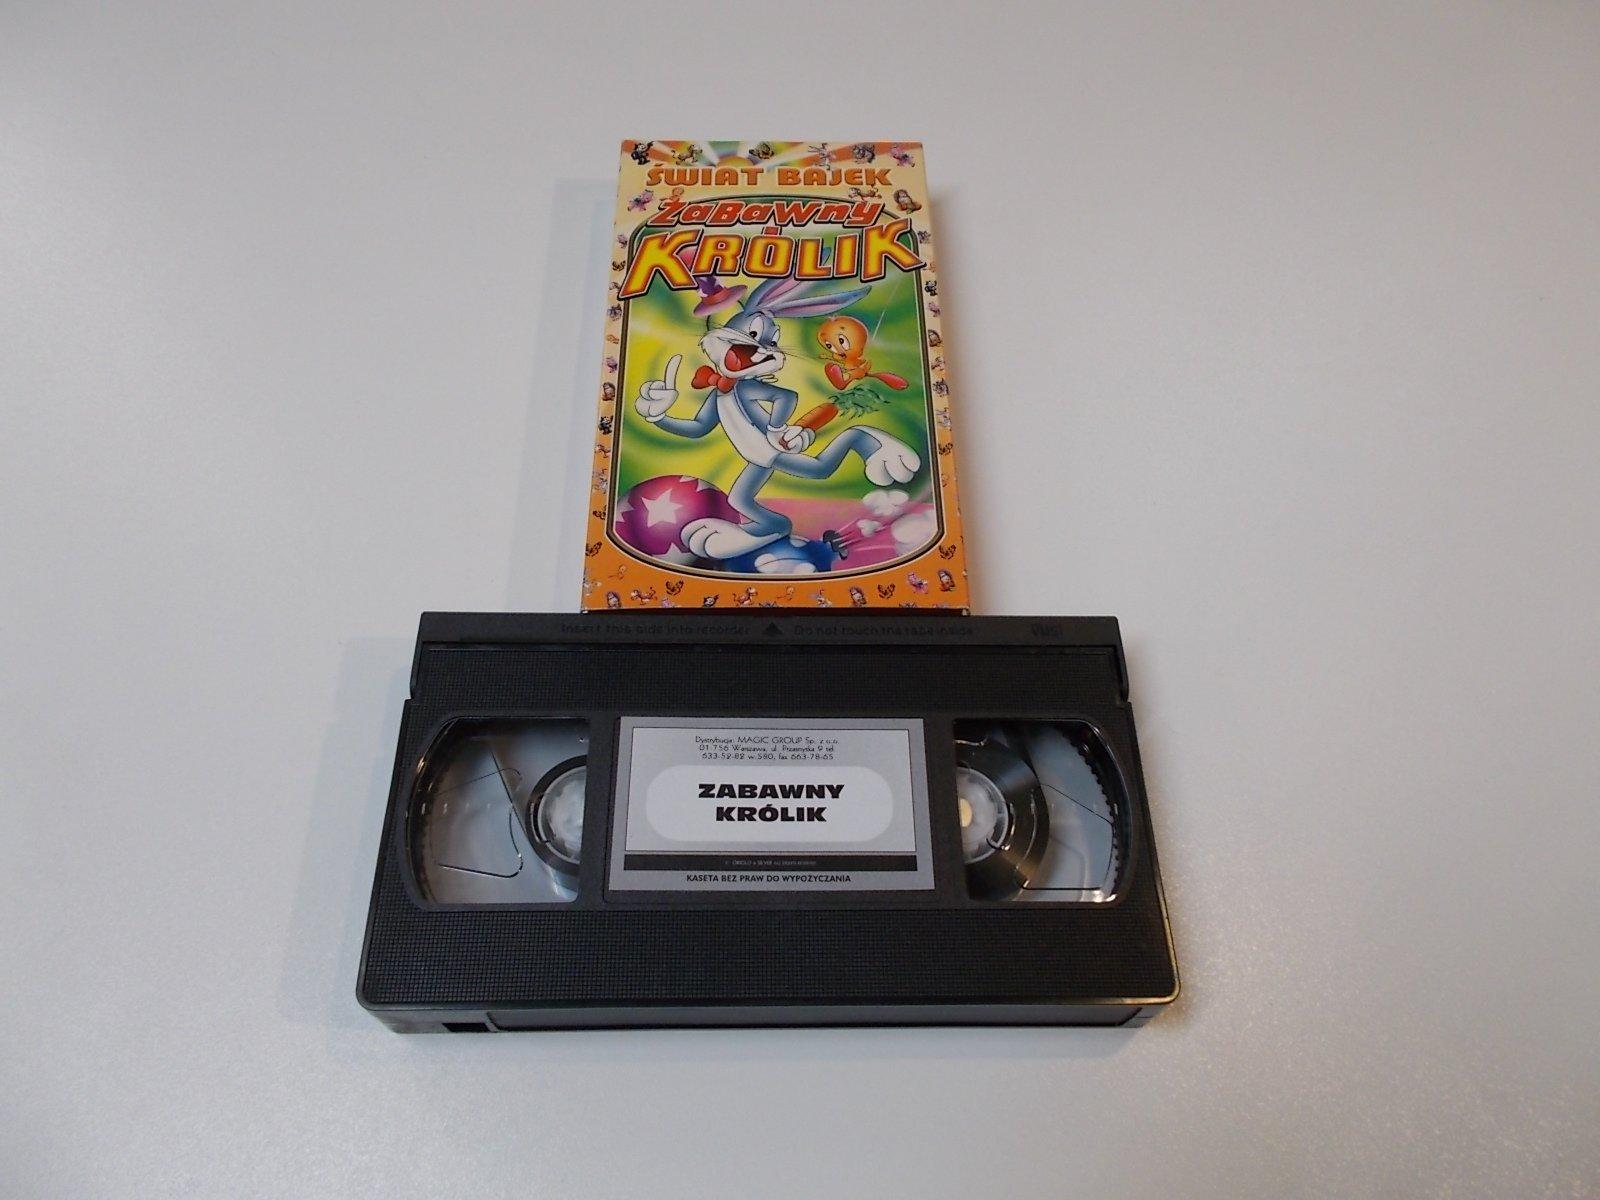 ZABAWNY KRÓLIK - VHS Kaseta Video - Opole 1675